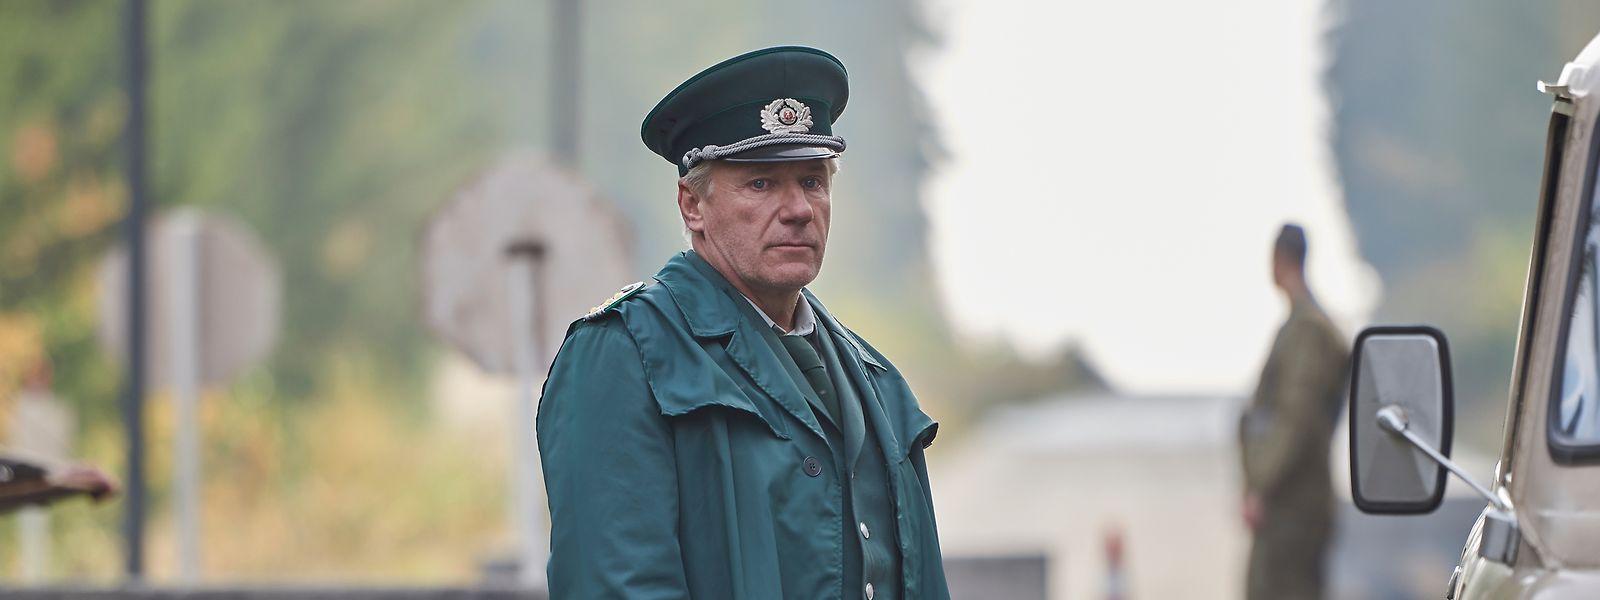 Jörg Schüttauf als DDR-Polizist Lothar Wieditz (Jörg Schüttauf).